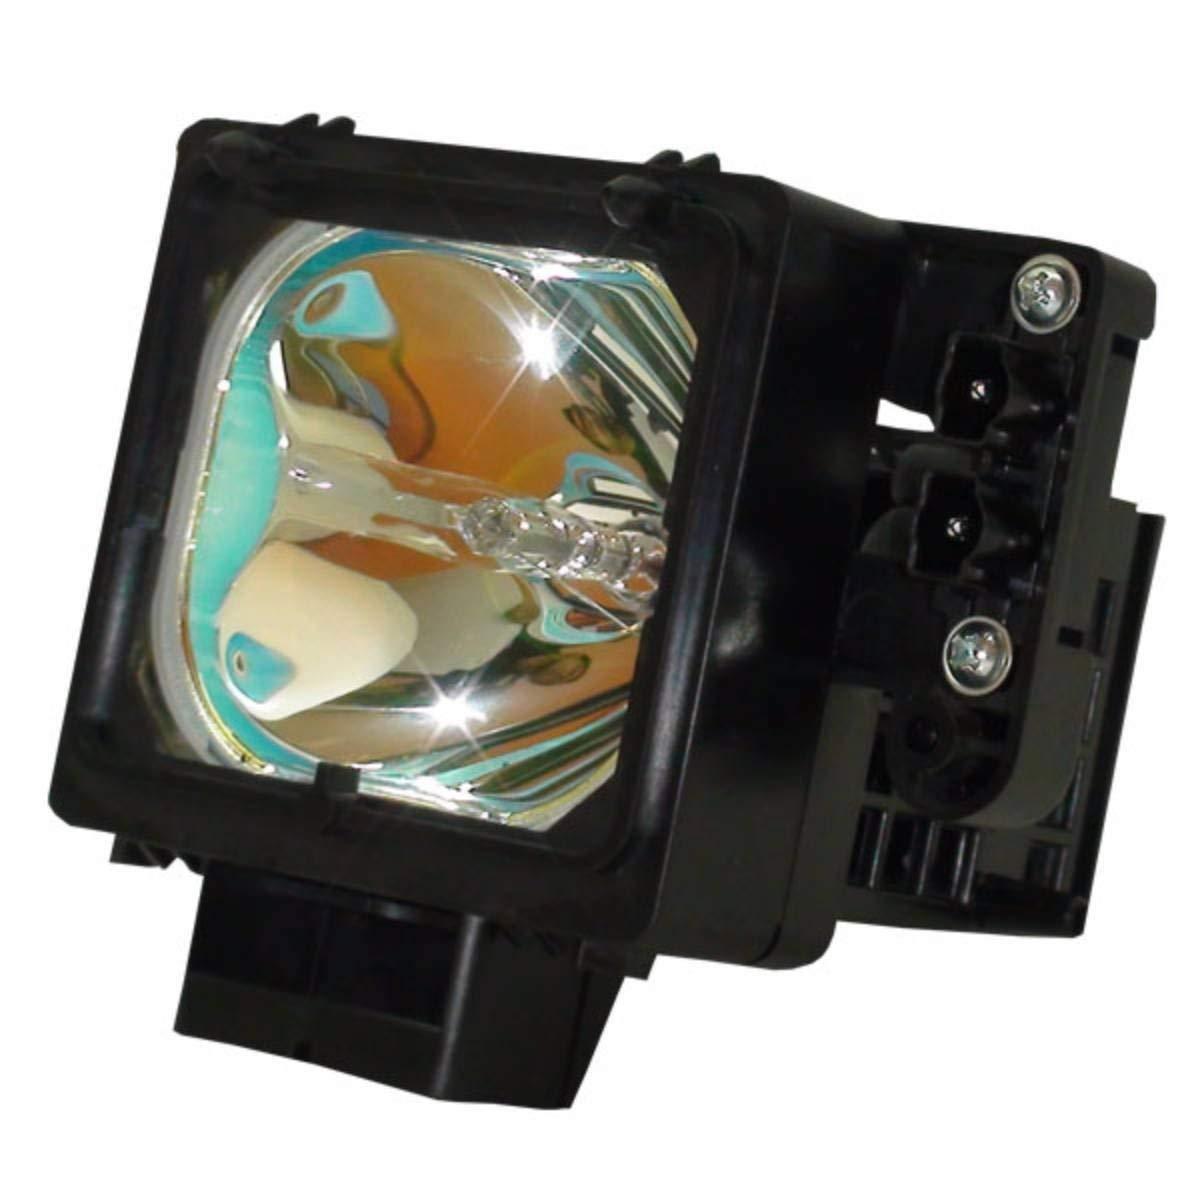 TV Lamp xl-2200 XL-2200U KDF-55WF655、KDF-55XS955、KDF-60WF655、KDF-60XS955、KDF-E55A20、KDF-E60A20用   B07J57M633